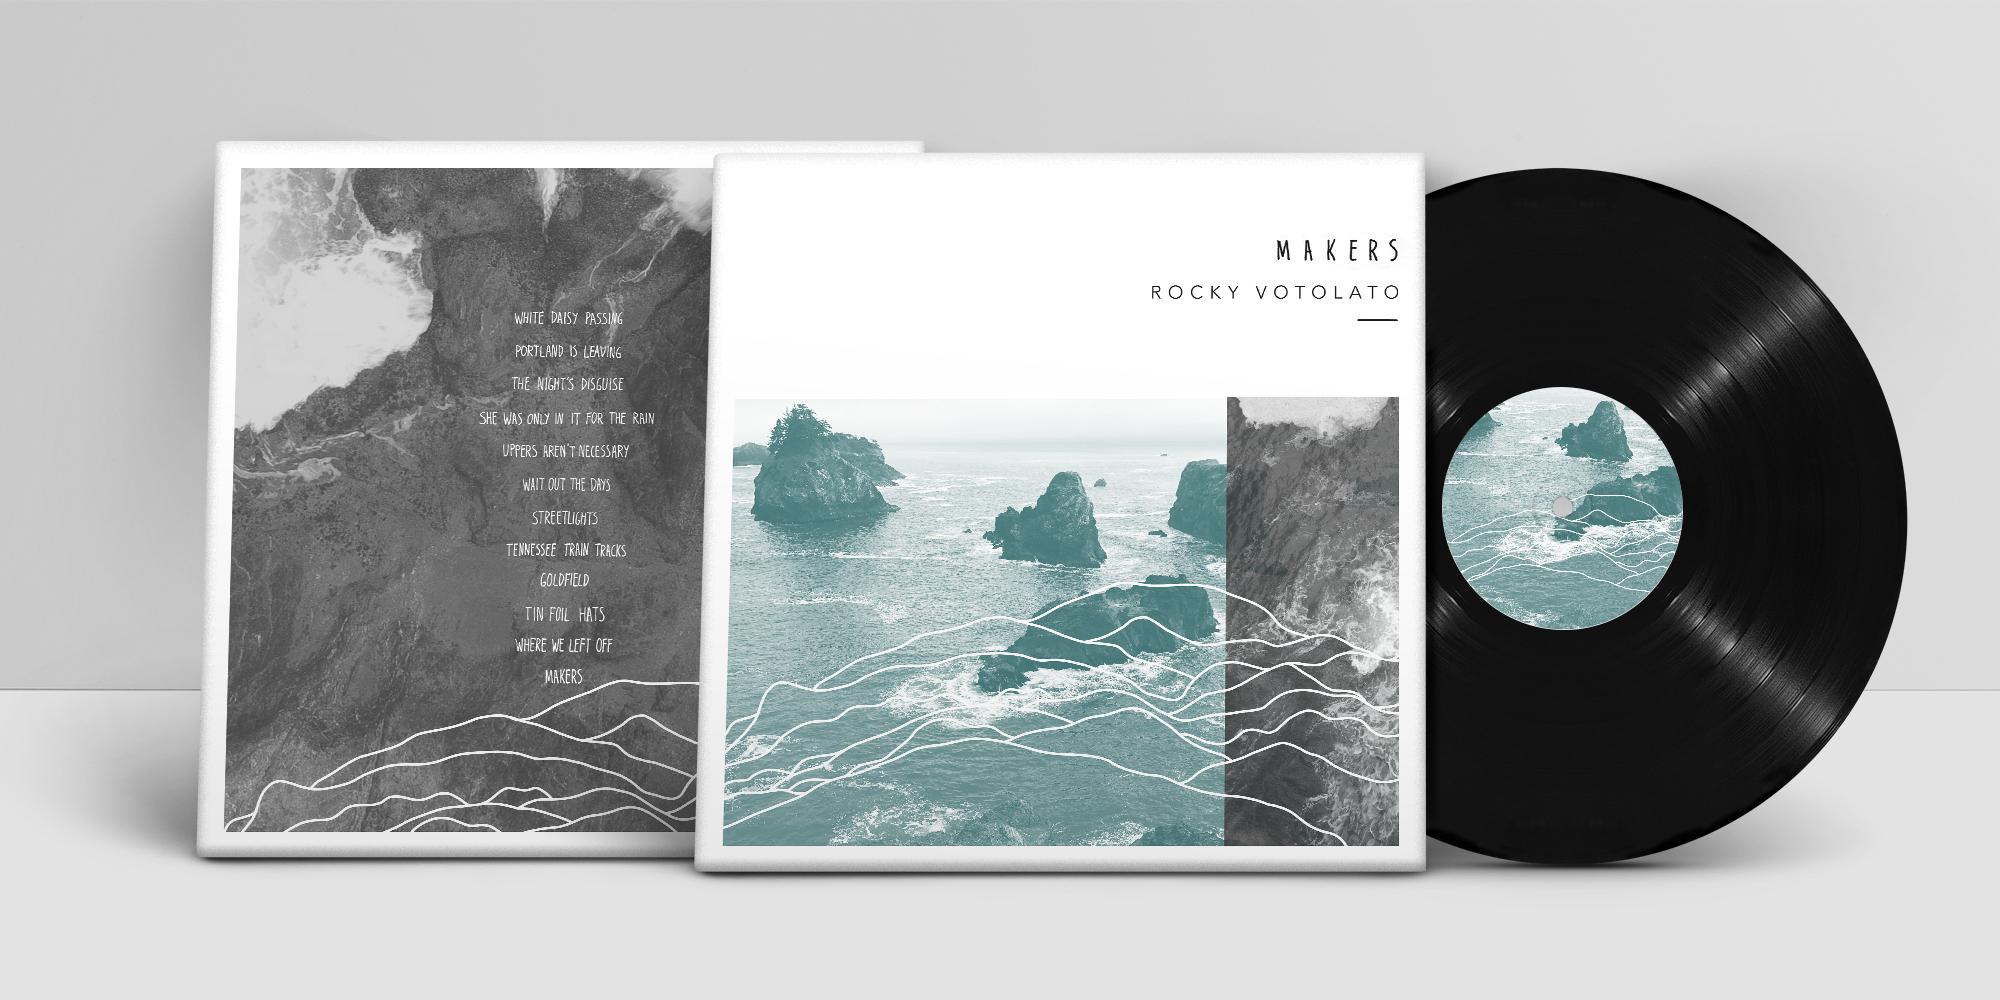 AlbumFrontBackCrop.jpg